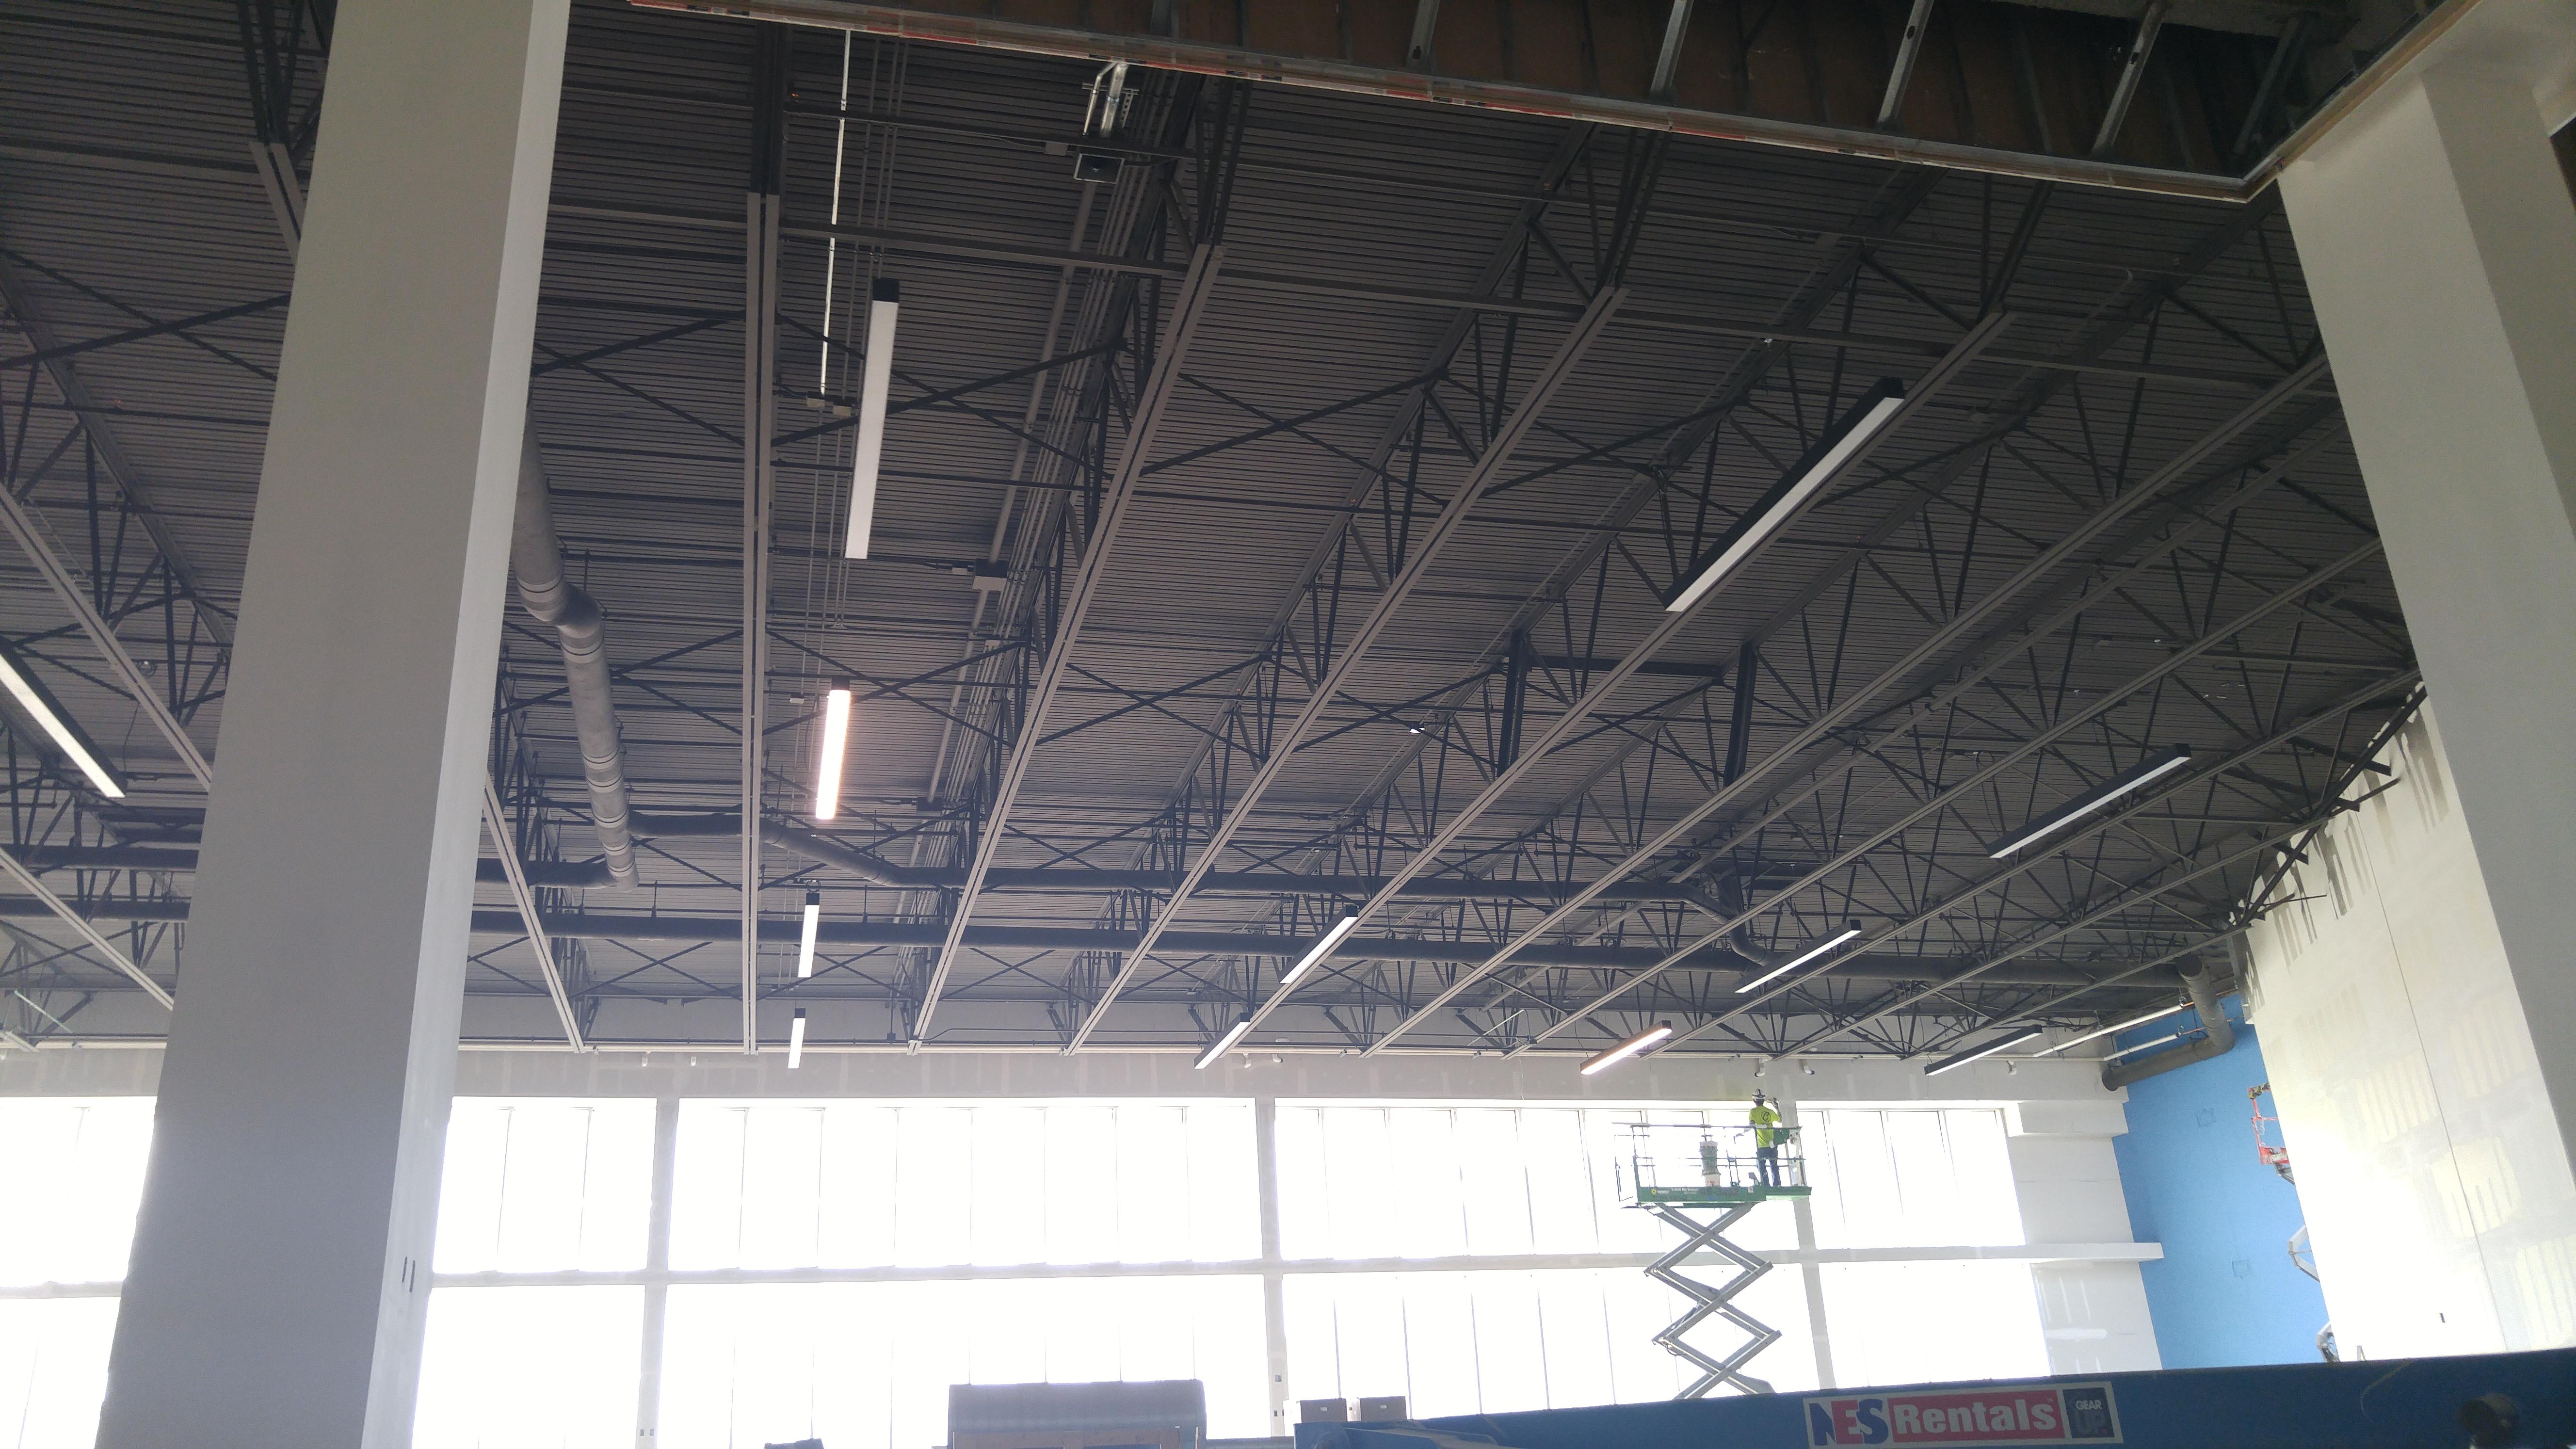 dryfall ceiling